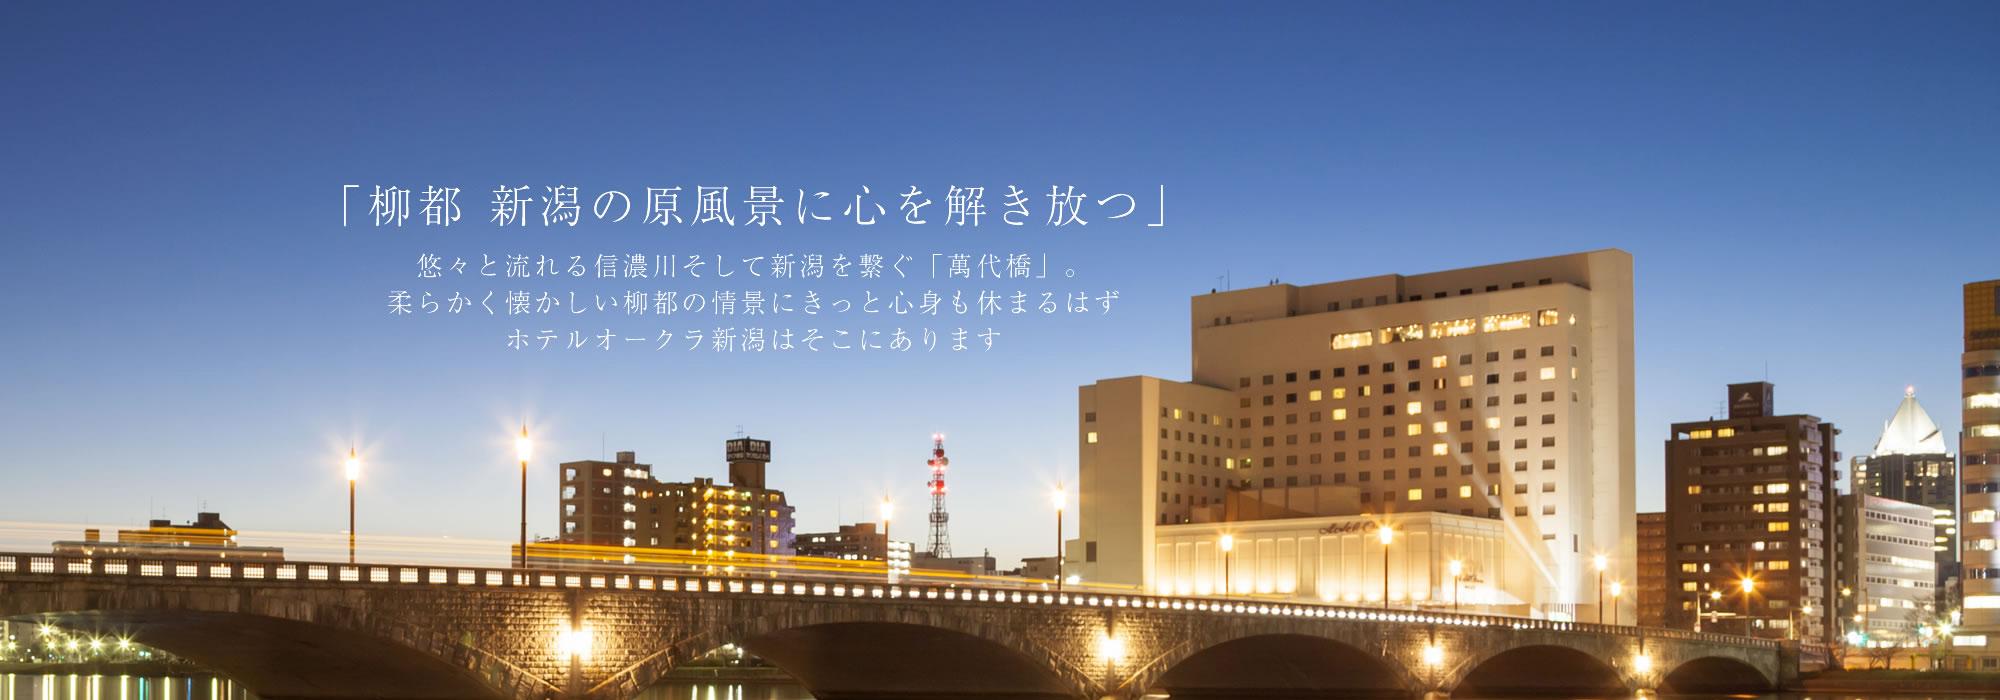 「柳都 新潟の原風景に心身を解き放つ」 悠々流れる信濃川、新潟の架け橋「萬代橋」 二つが創る柔らかくそして懐かしい柳都の情景にきっと心身も休まるはず ホテルオークラ新潟はそこにあります